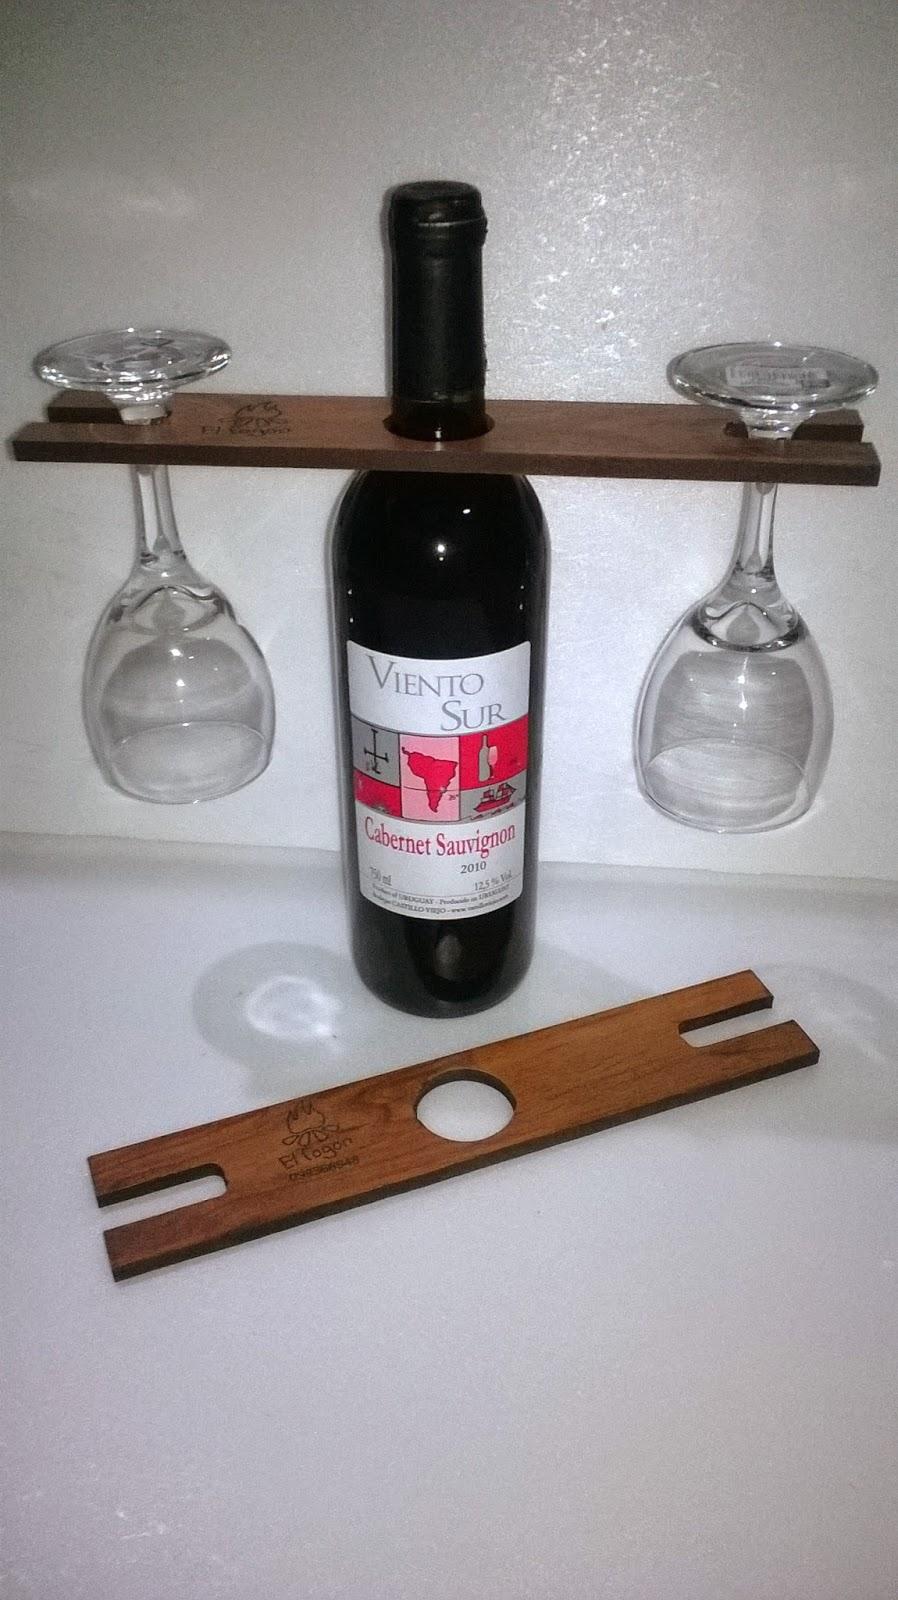 Mueble porta botellas de vino 20170804043722 - Botelleros de vino ...